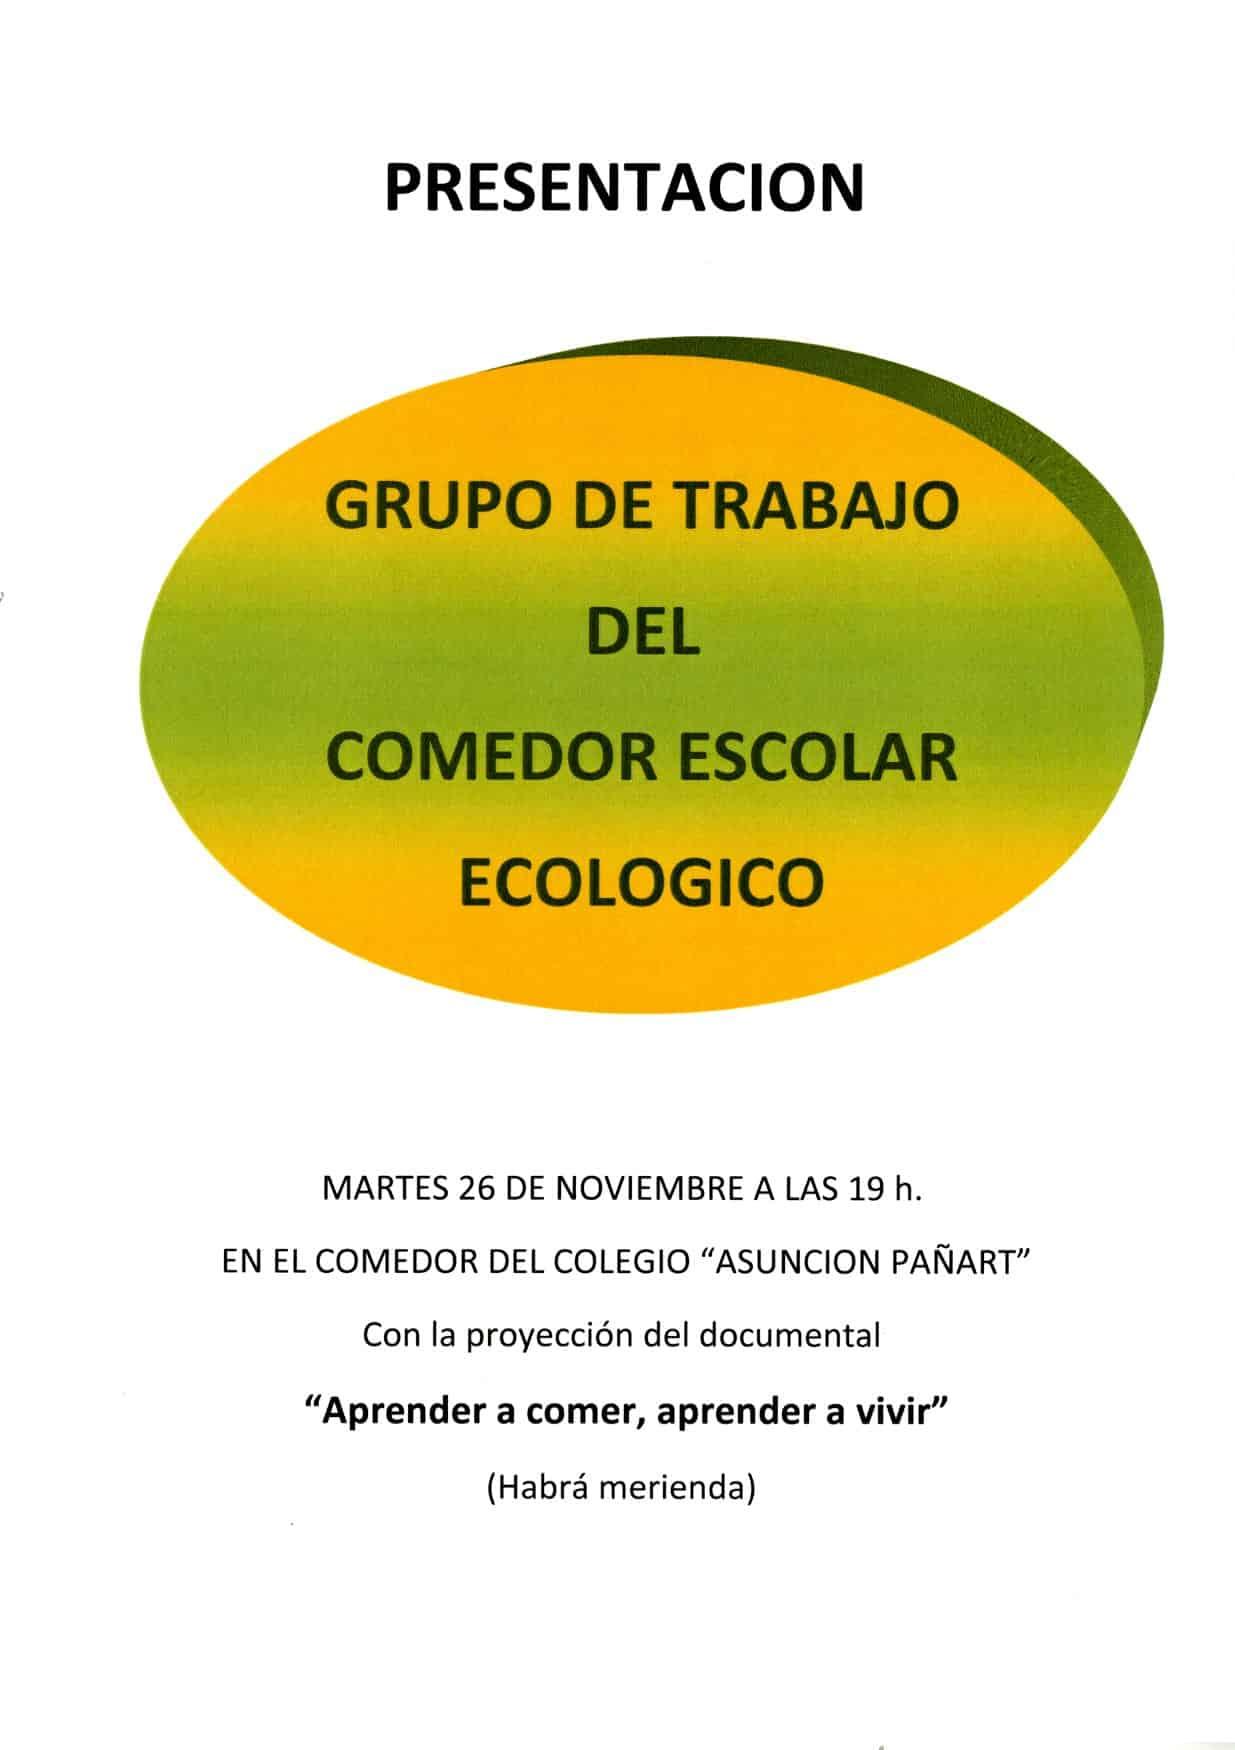 Comedor Escolar Ecológico / Grupo de trabajo - Aínsa Sobrarbe